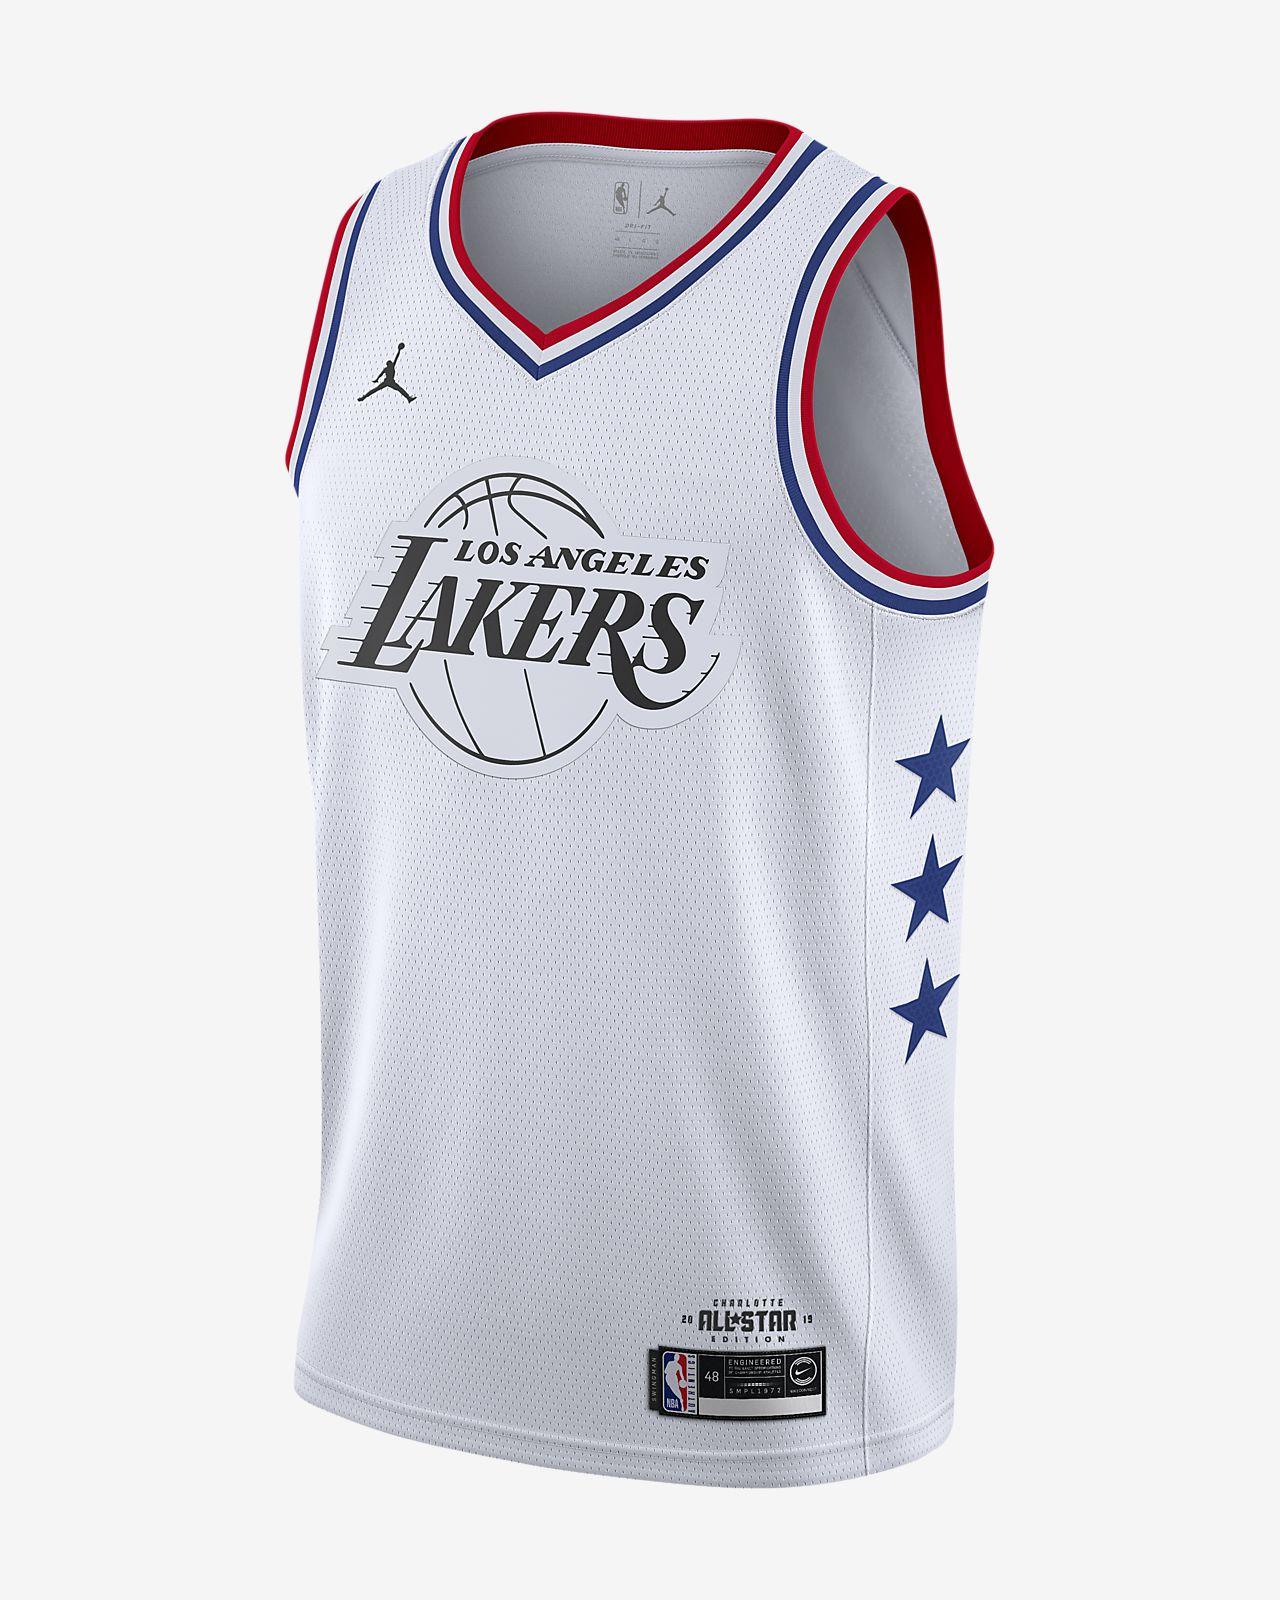 เสื้อแข่ง Jordan NBA Connected ผู้ชาย LeBron James All-Star Edition Swingman